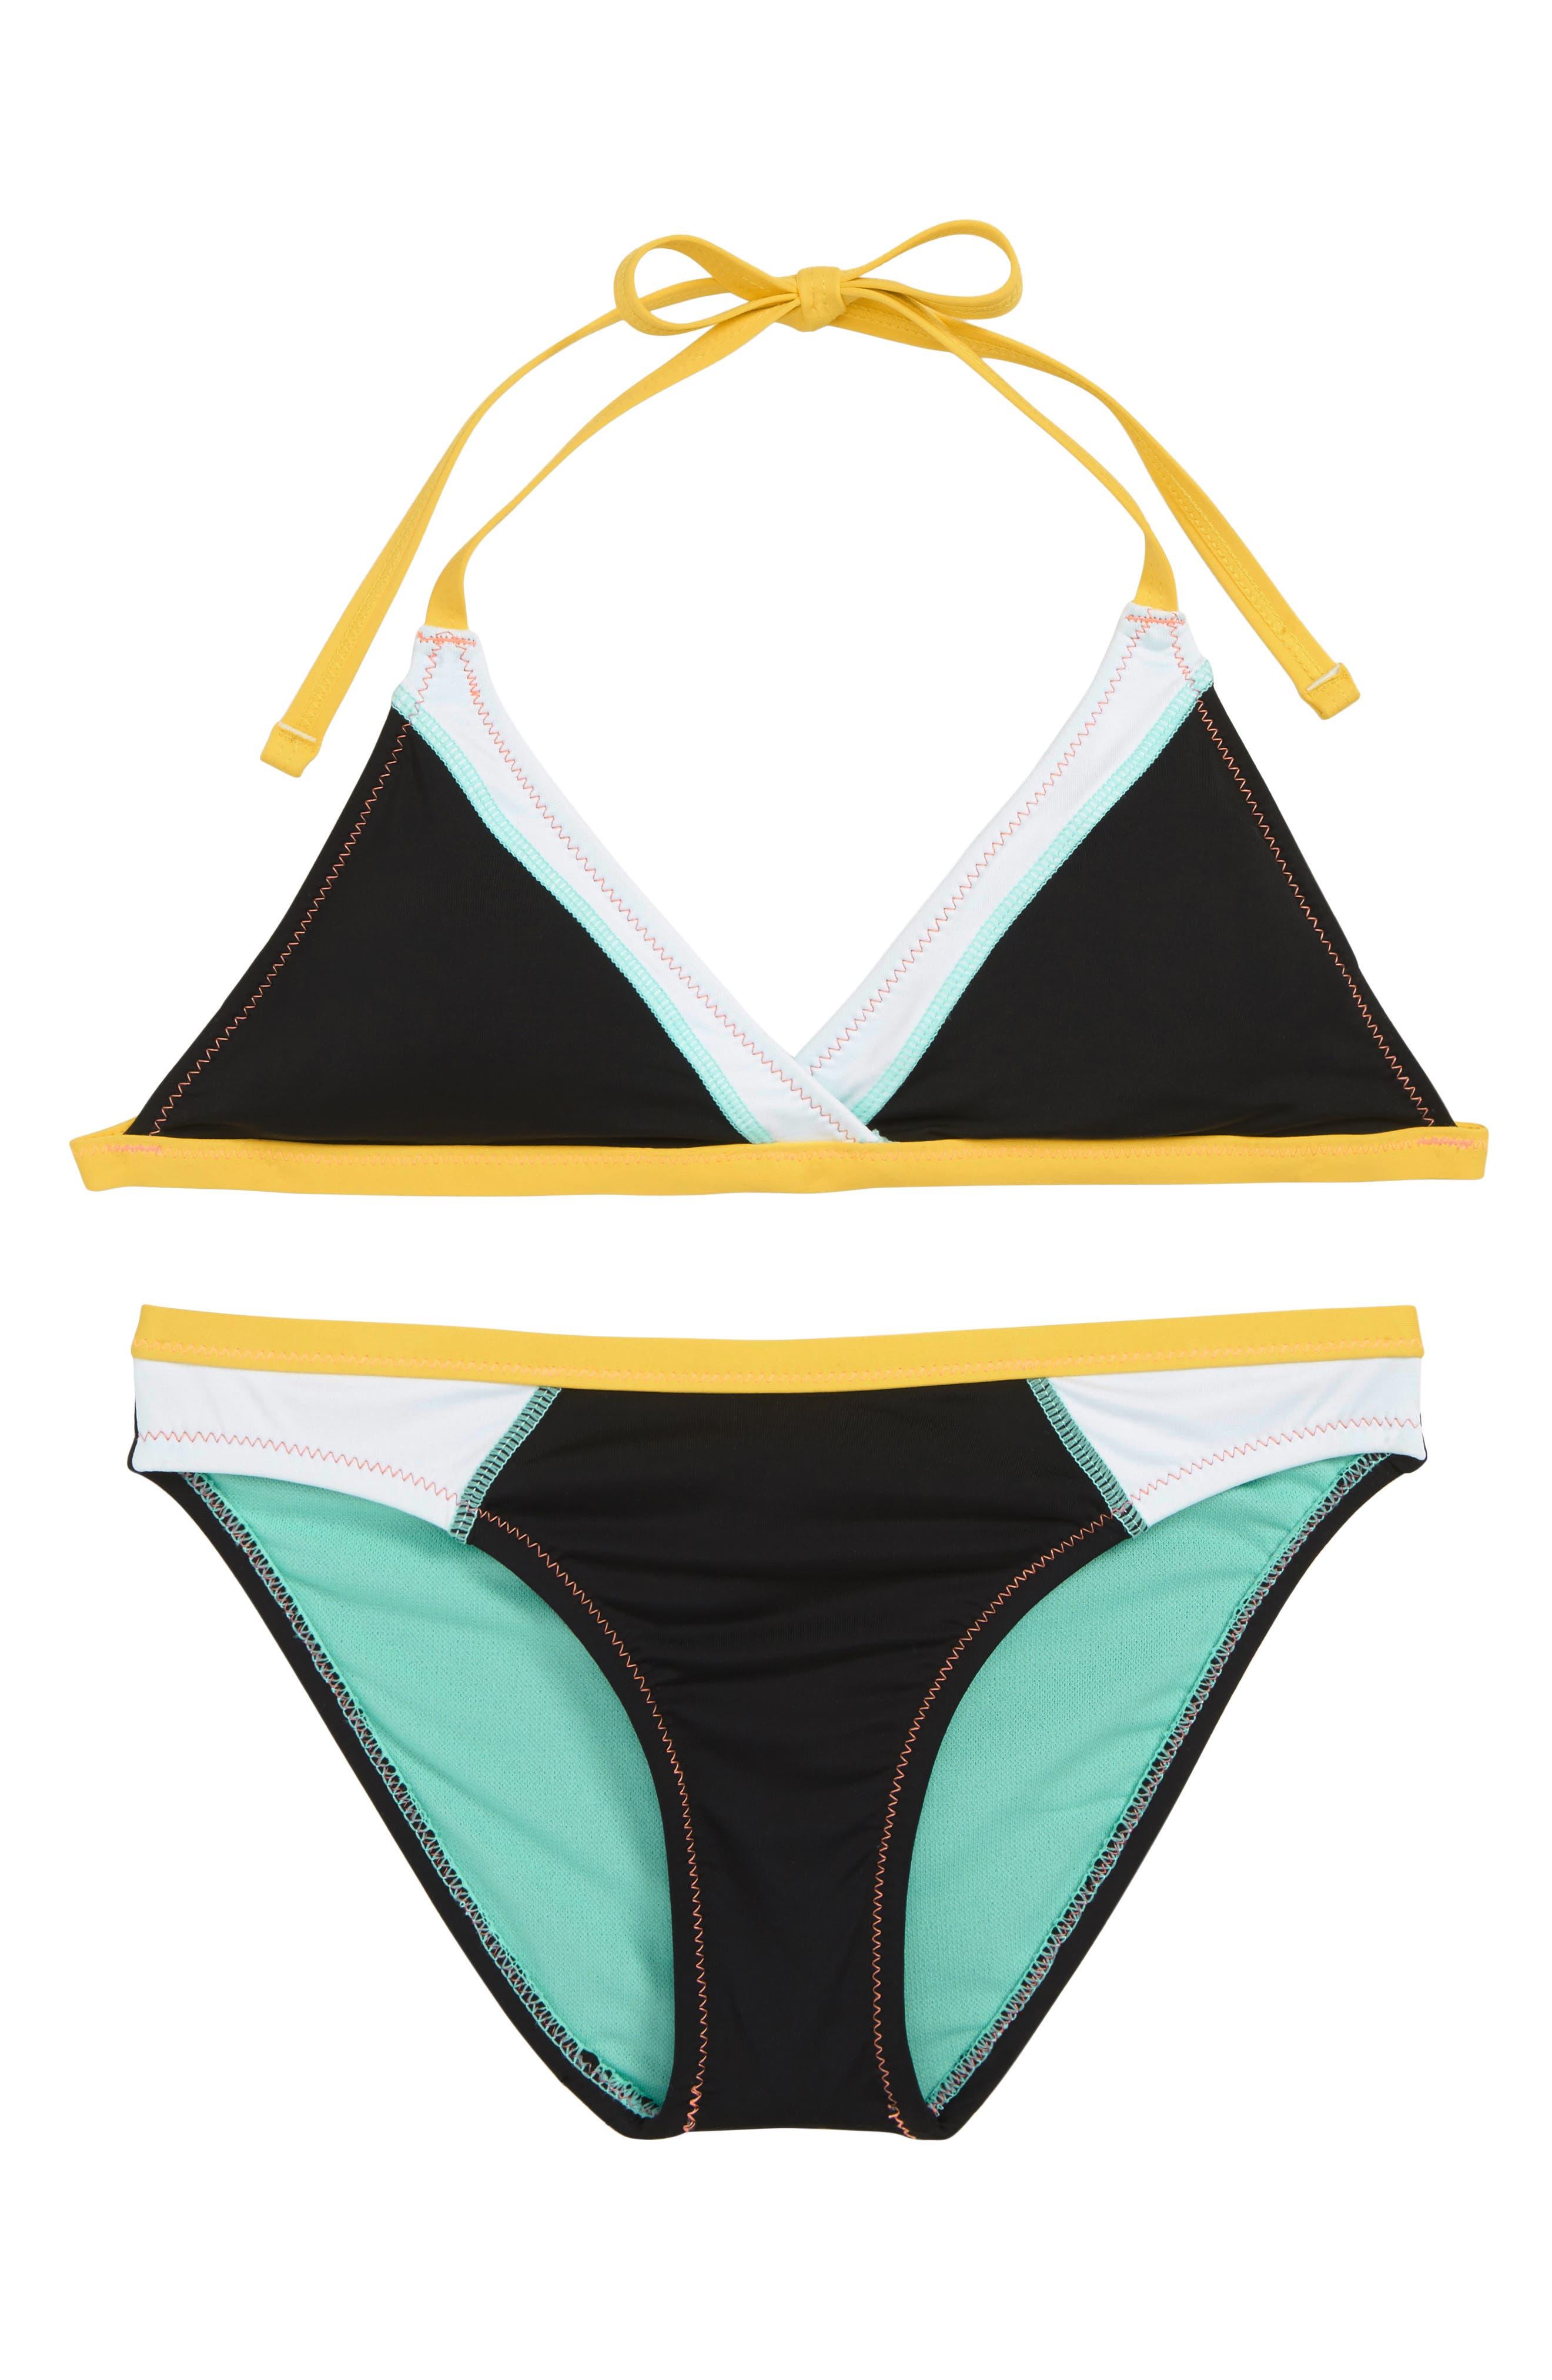 HOBIE Stitch Perfect Two-Piece Swimsuit, Main, color, BLACK